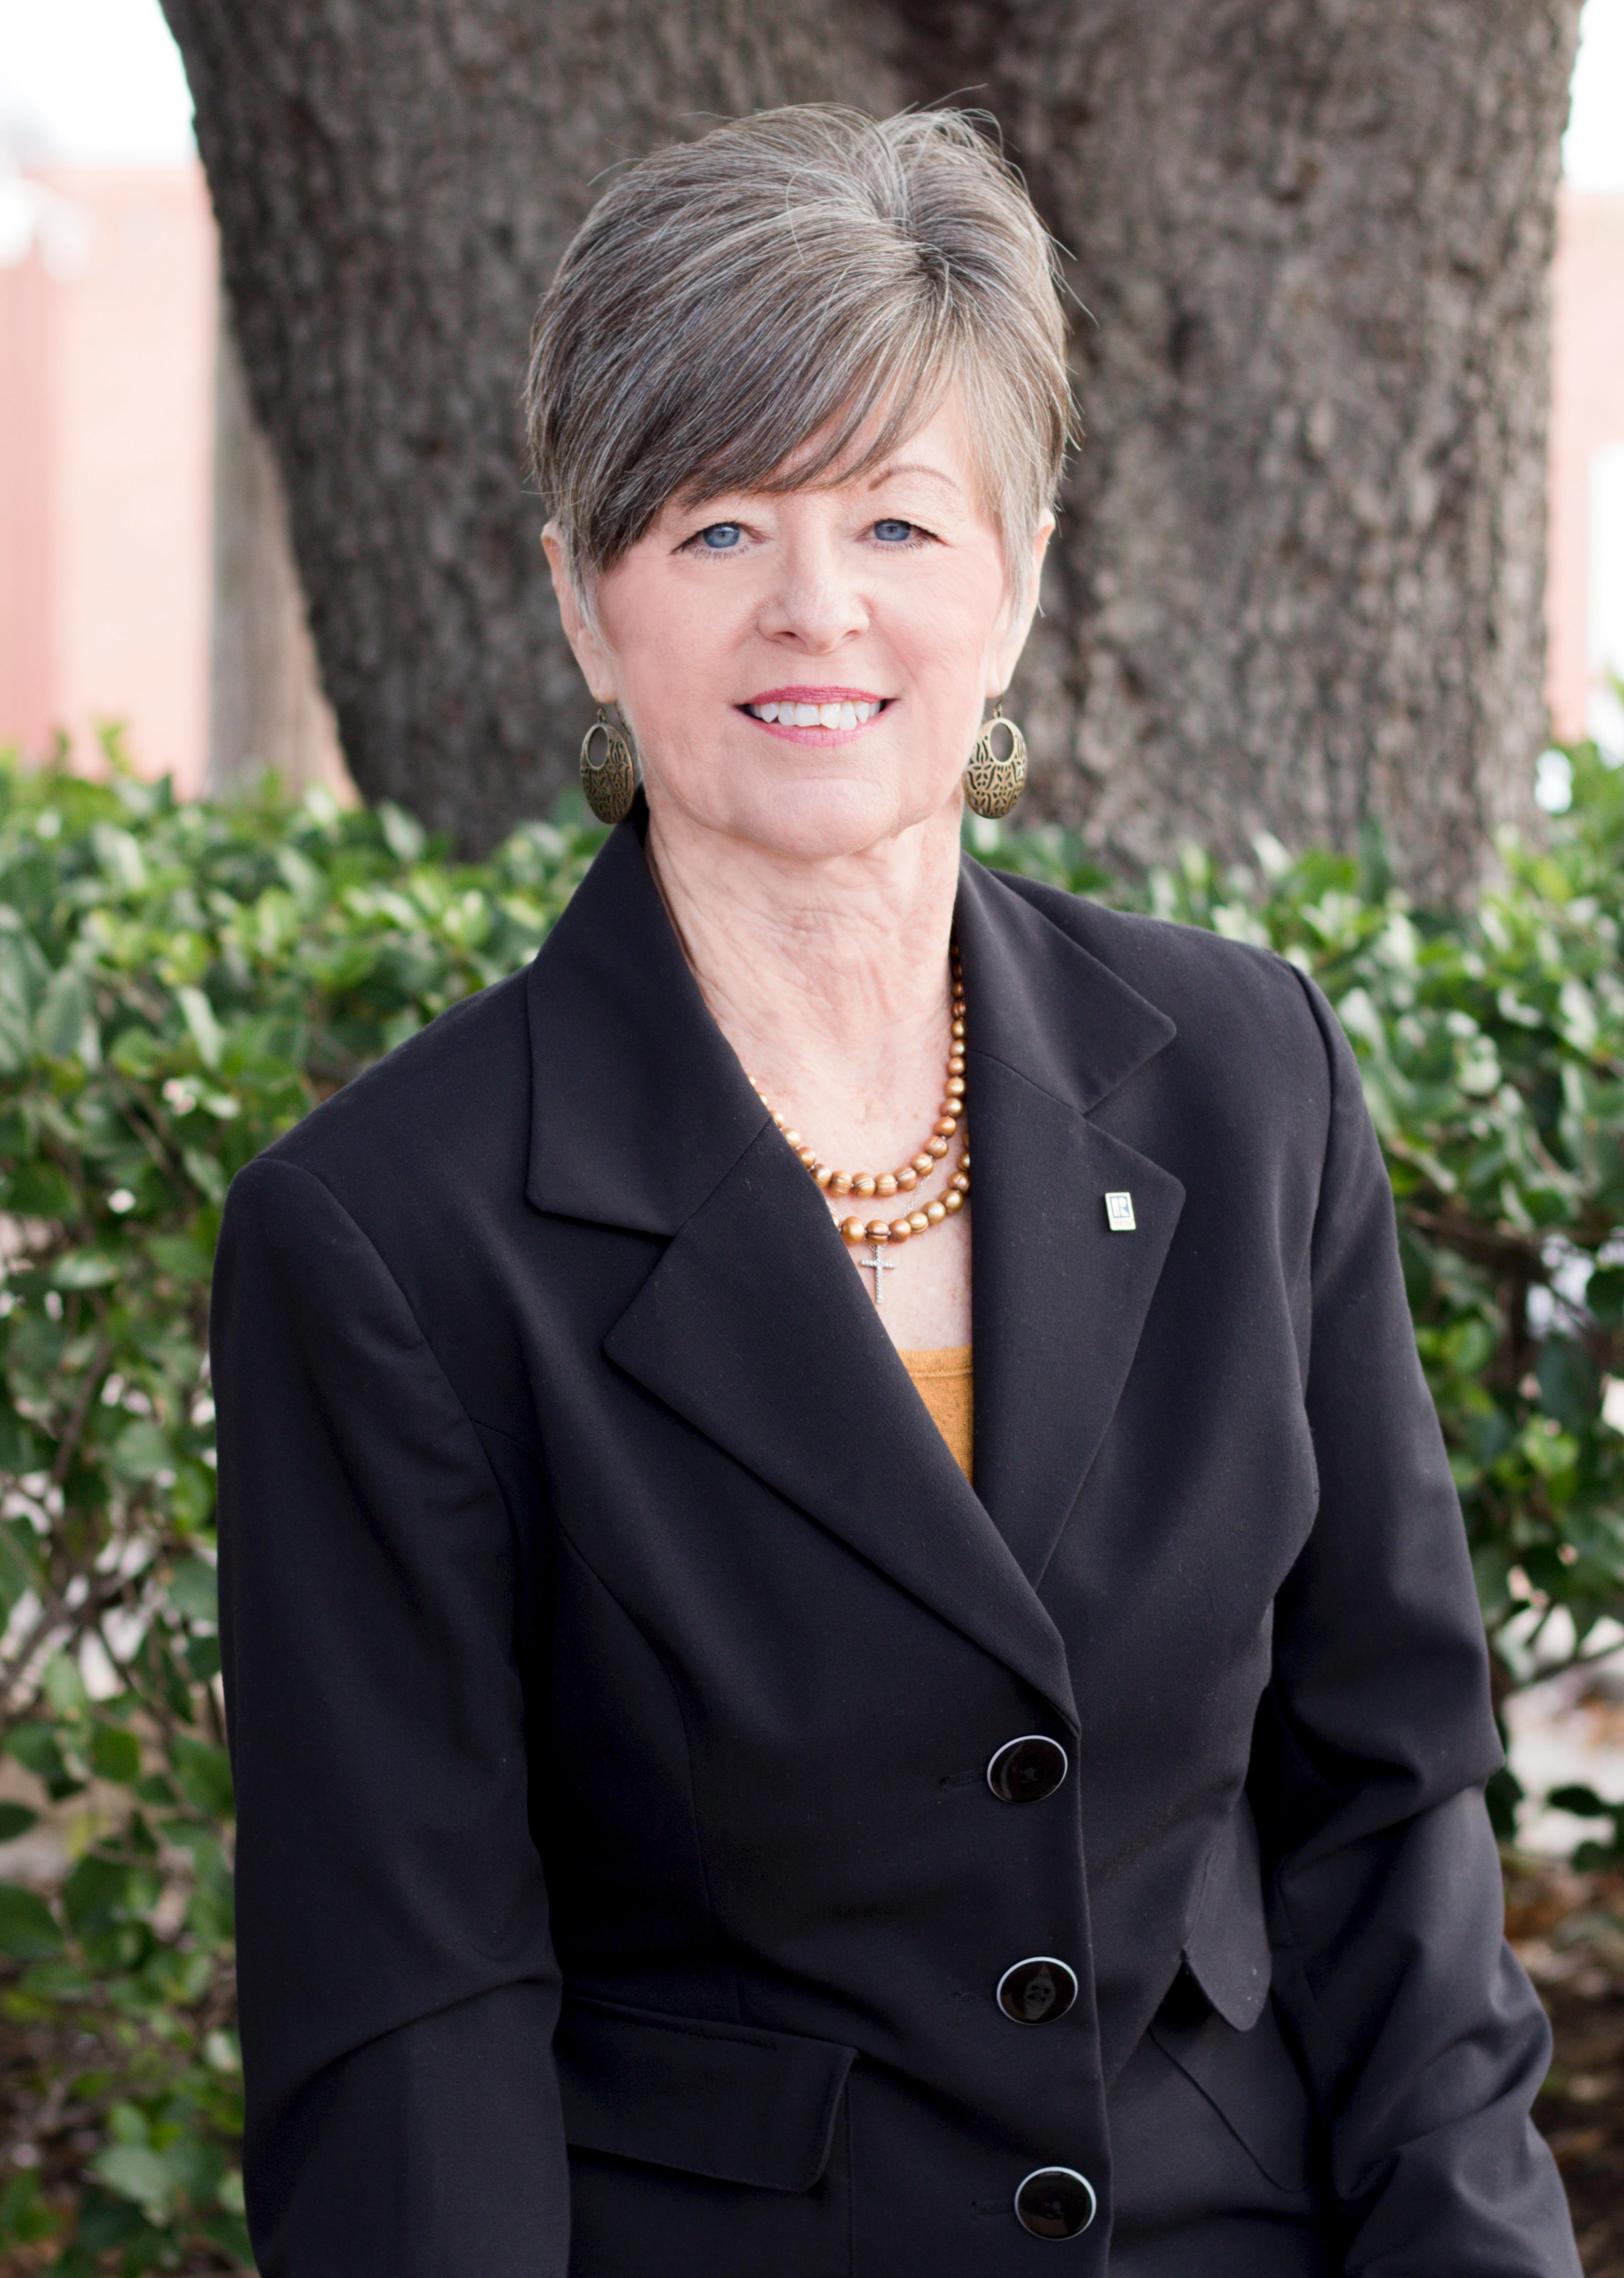 Debbie Romine McMillan